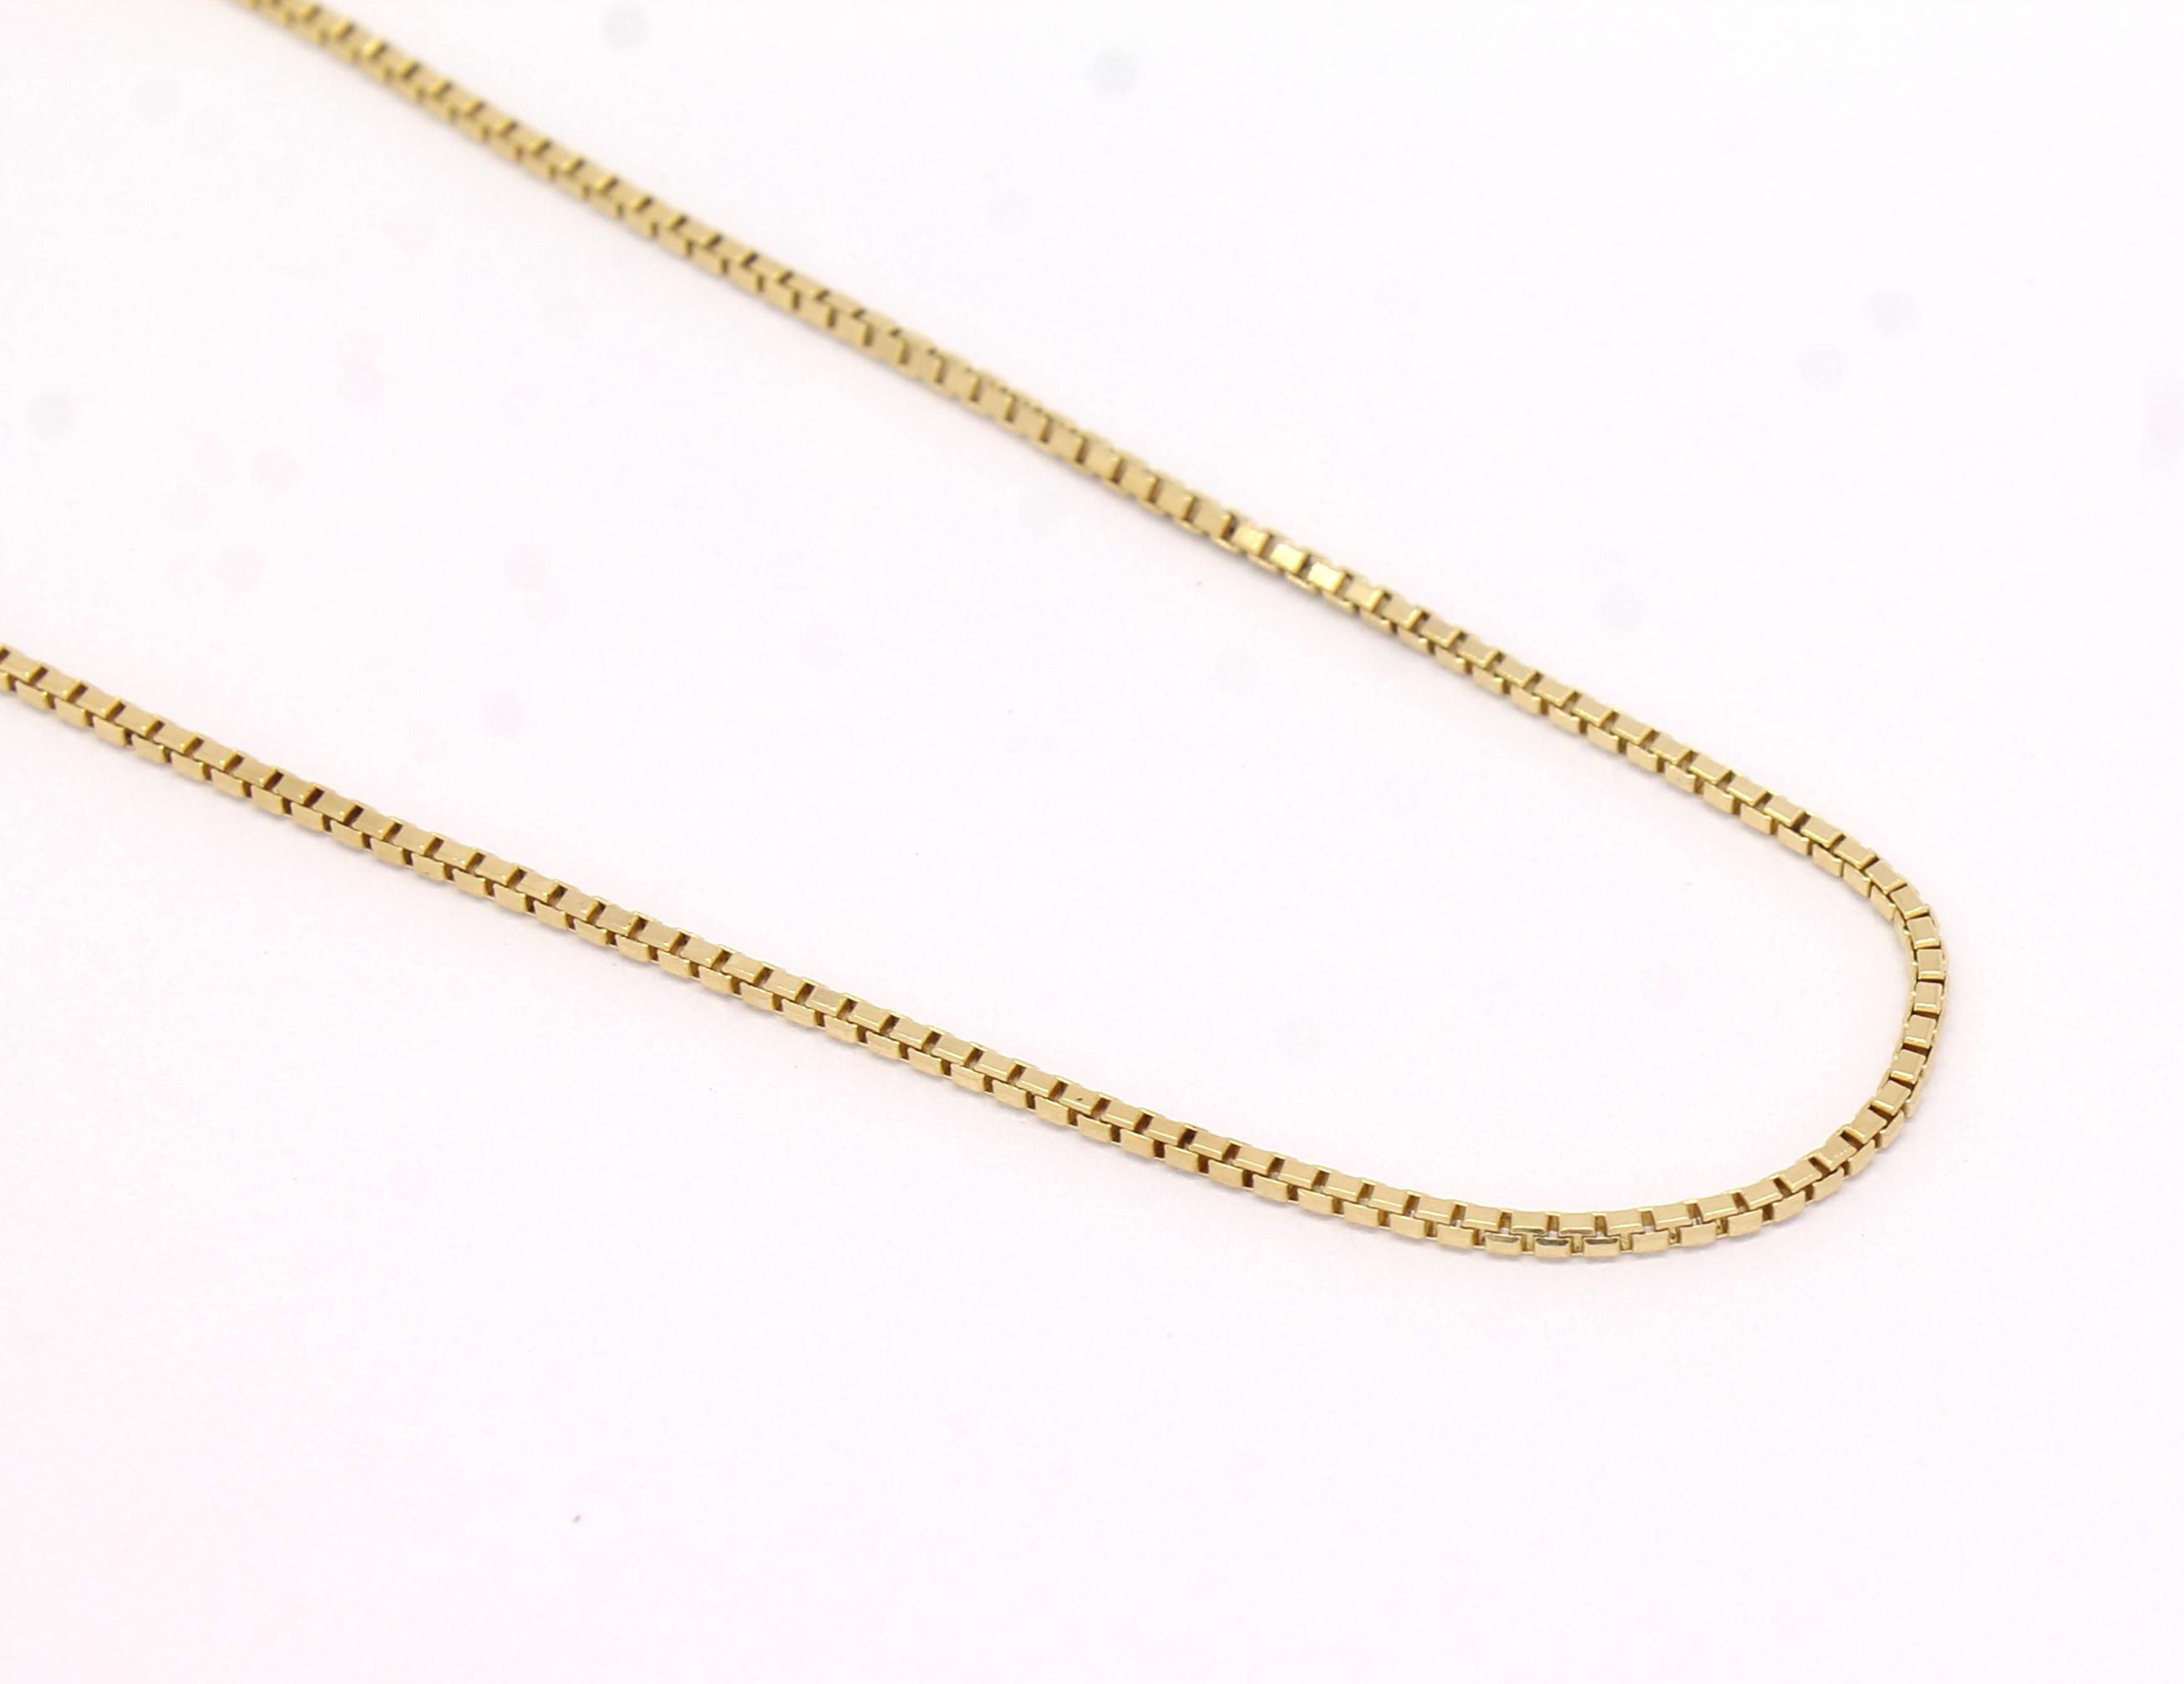 5a6b6033692b2 Corrente Veneziana 60 cm Ouro Amarelo 18k 750 - Marcio Joalheiros ...